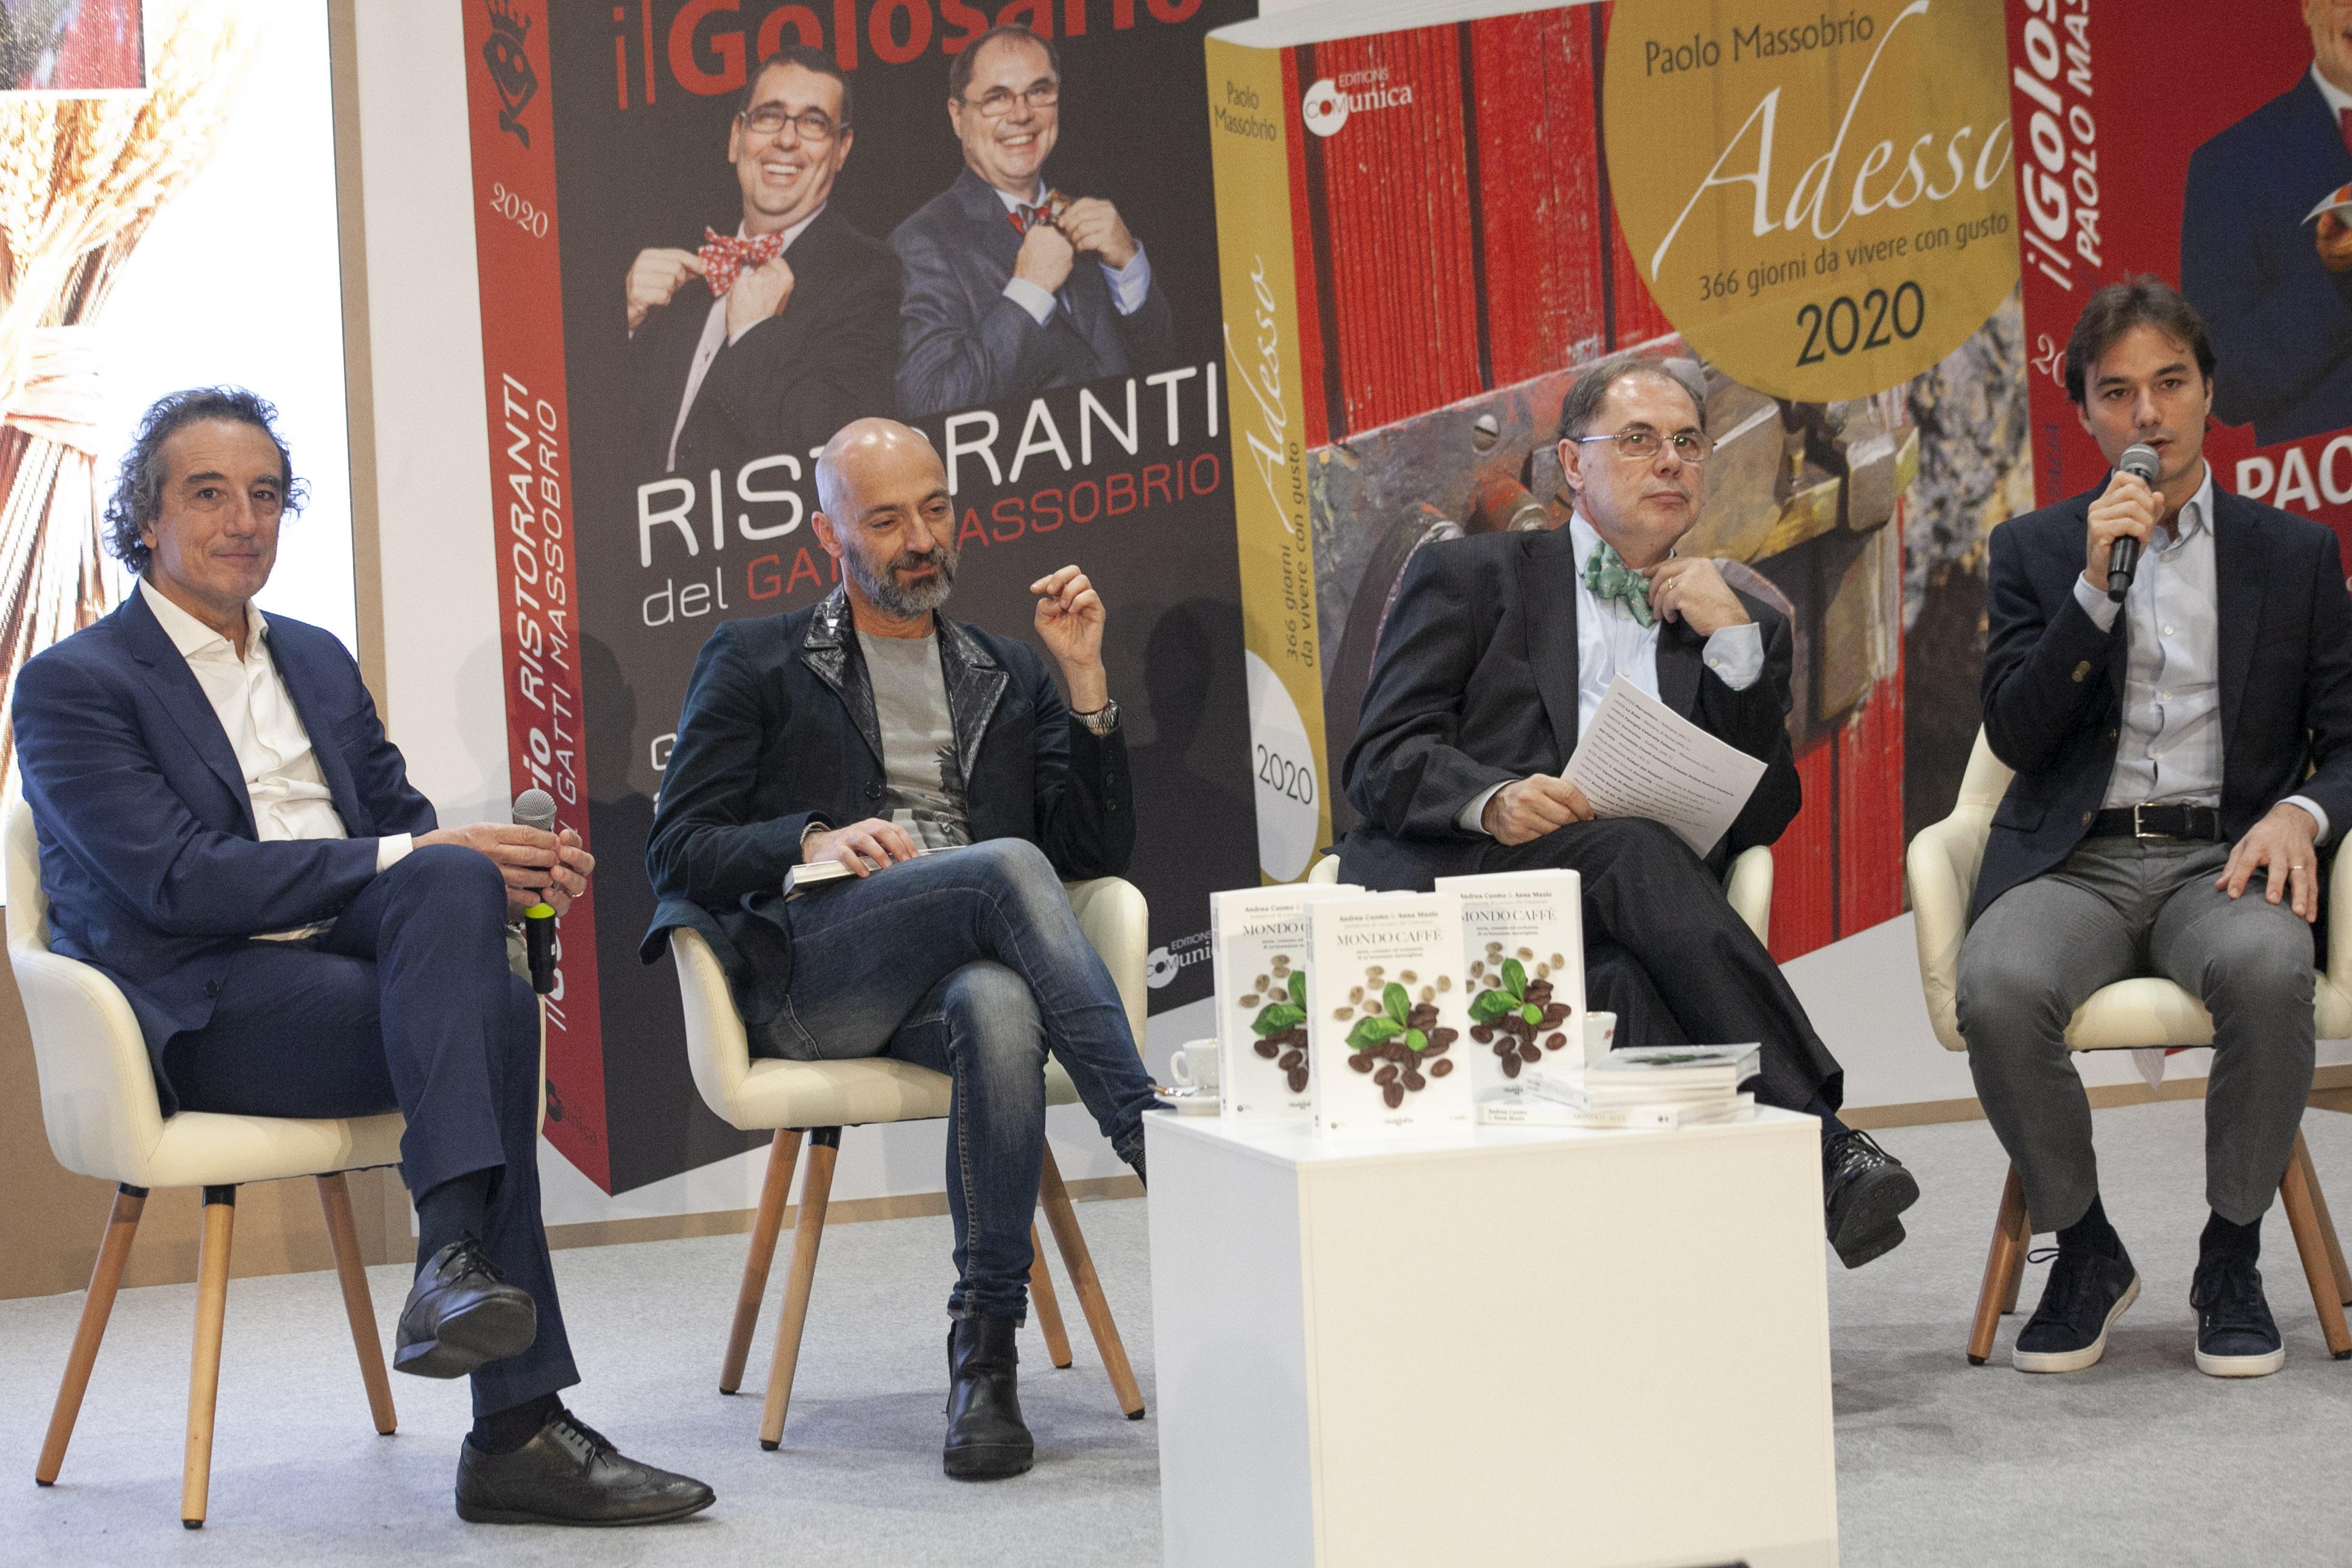 Morettino caffè ufficiale di Golosaria 2019. In anteprima la presentazione dell'edizione limitata dedicata all'Opera dei Pupi siciliani